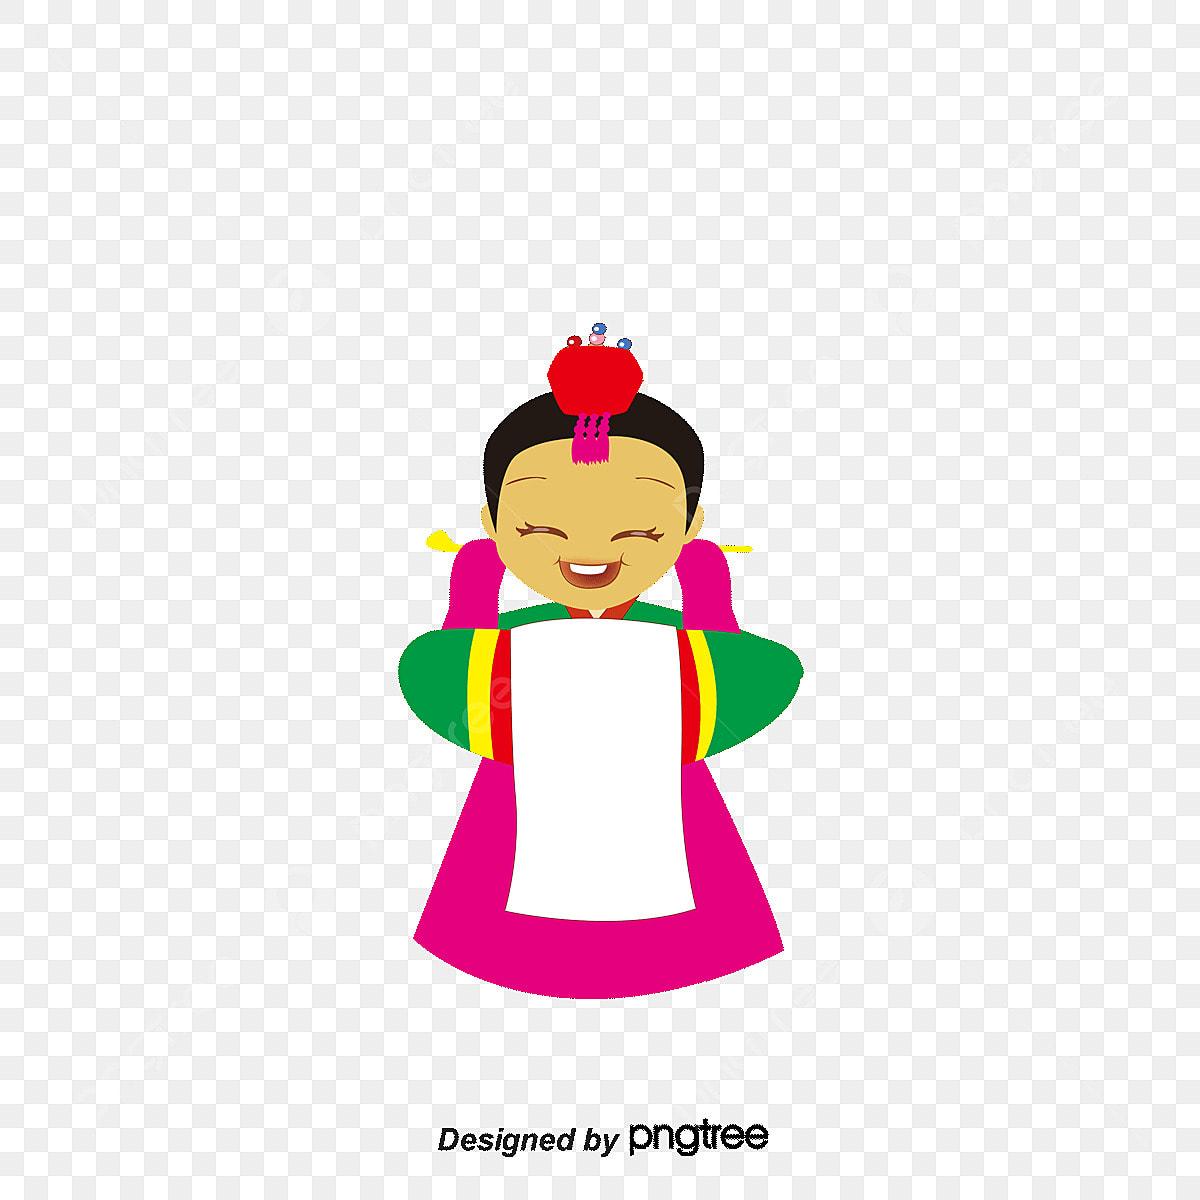 Gambar Kartun Wanita Pria Muslim Gambar Kartun Korea Pengantin Bahan Vektor Korea Selatan Pengantin Perempuan Pengantin Pria Png Dan Psd Untuk Muat Turun Percuma